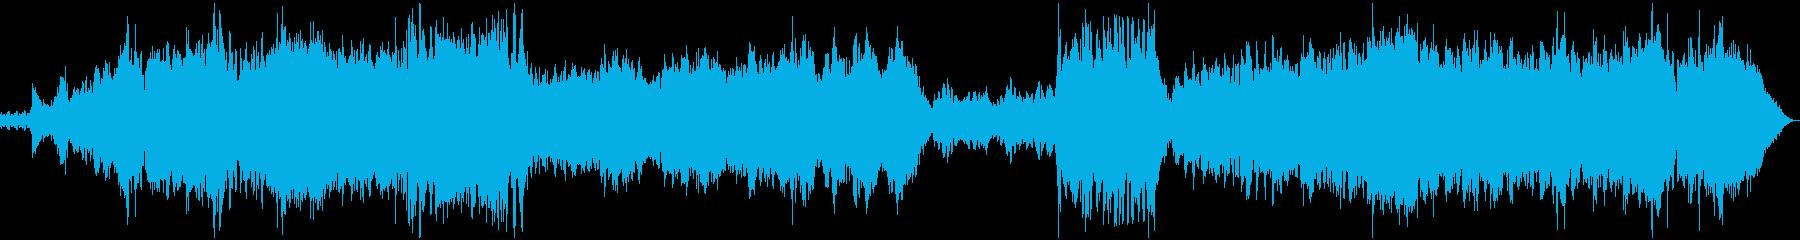 シミュレーションやノベルゲーム等に最適の再生済みの波形